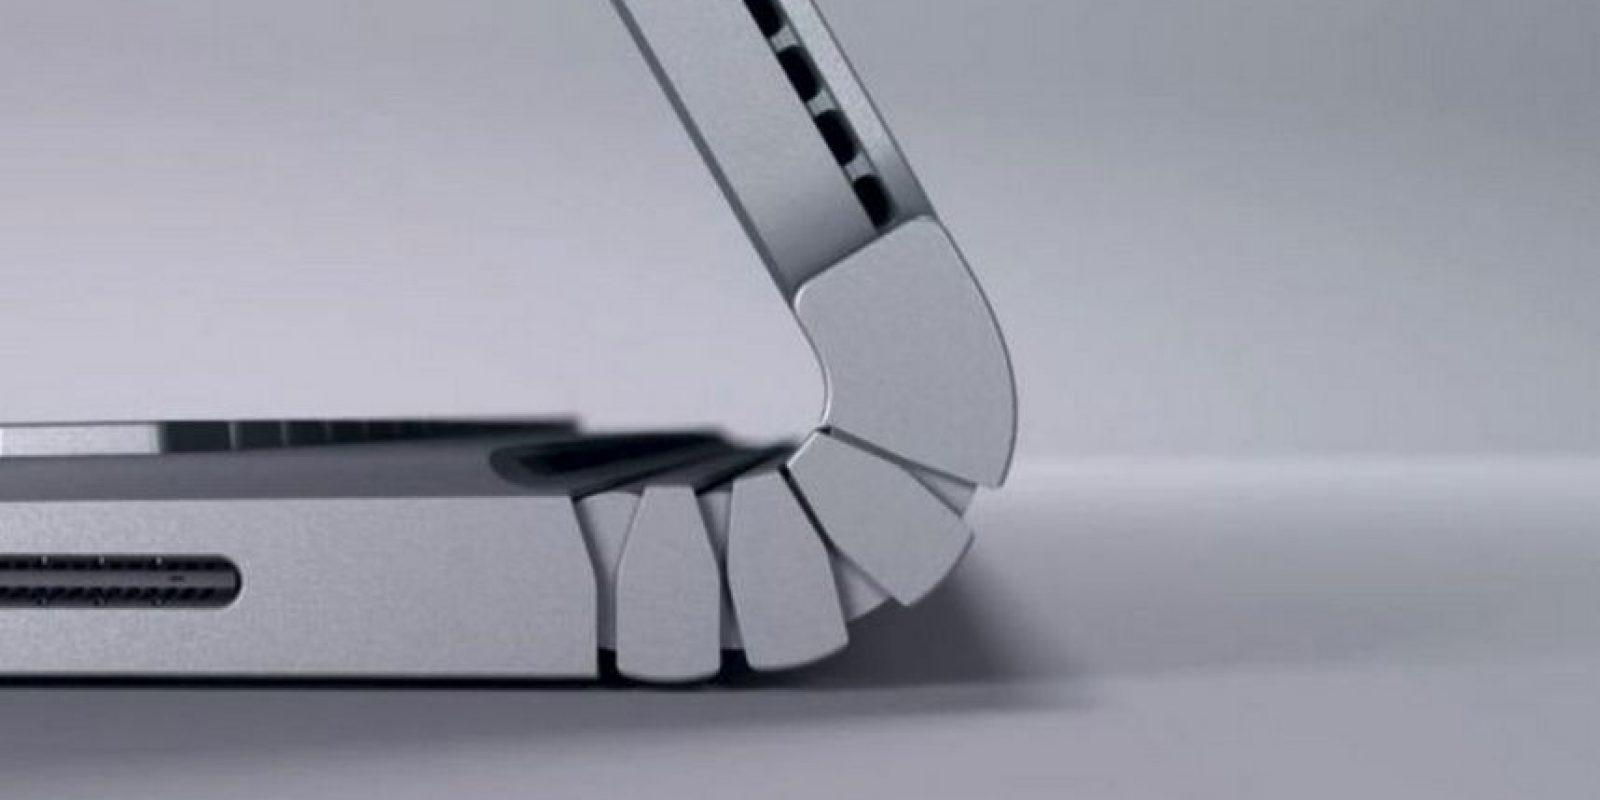 El dobles del dispositivo está diseñado especialmente para girar la pantalla y desmontarla del keyboard. Foto:Microsoft